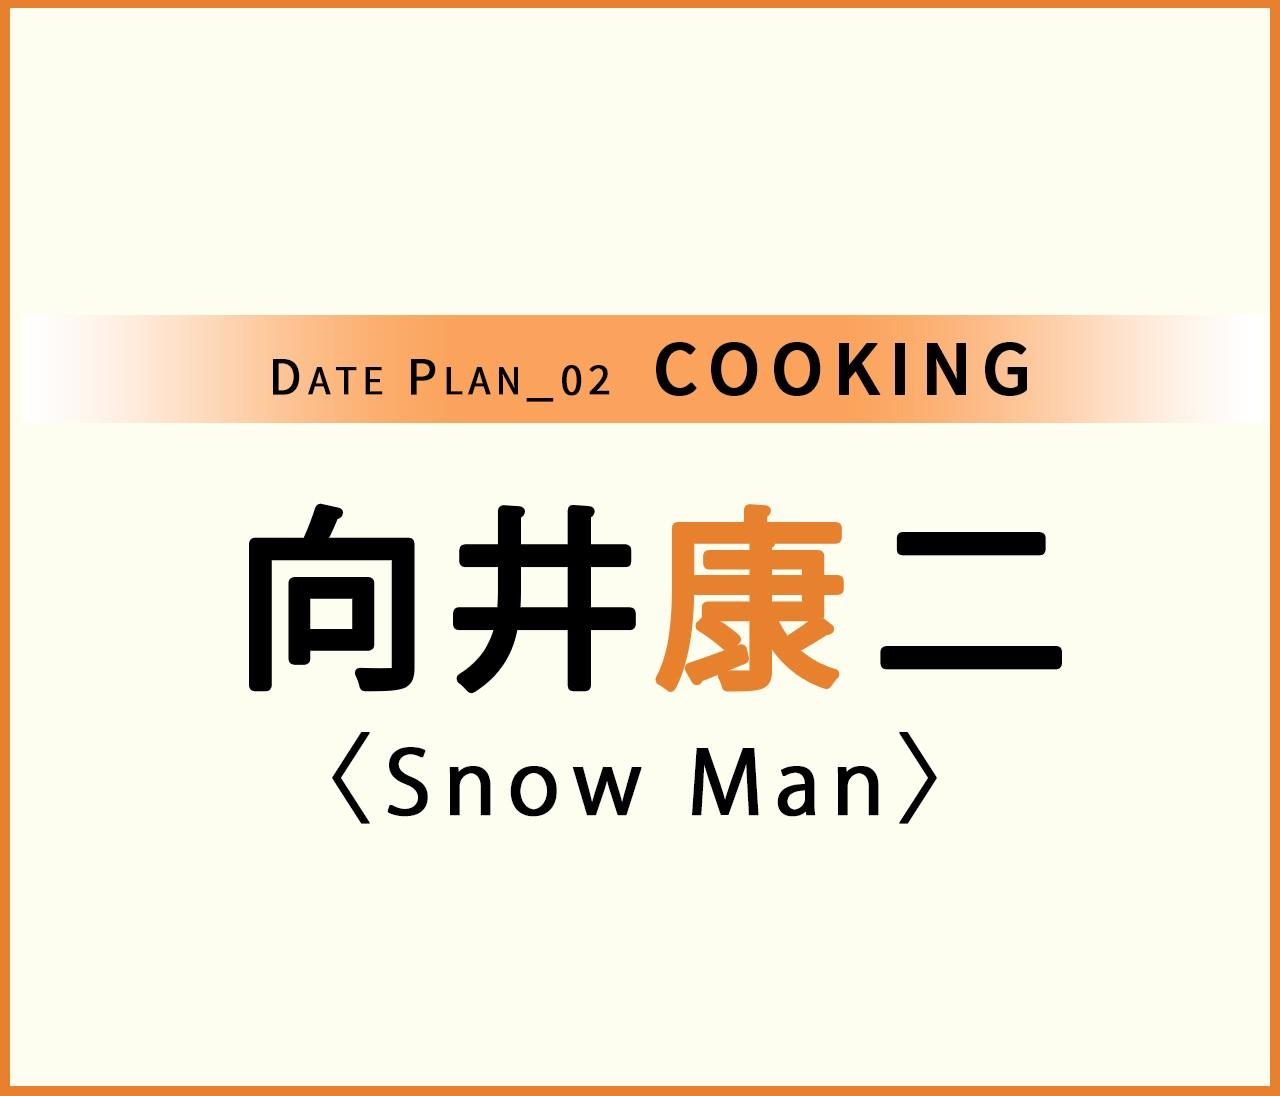 【Snow Man 向井康二くん】もし向井くんとおうちで料理デートしたら?